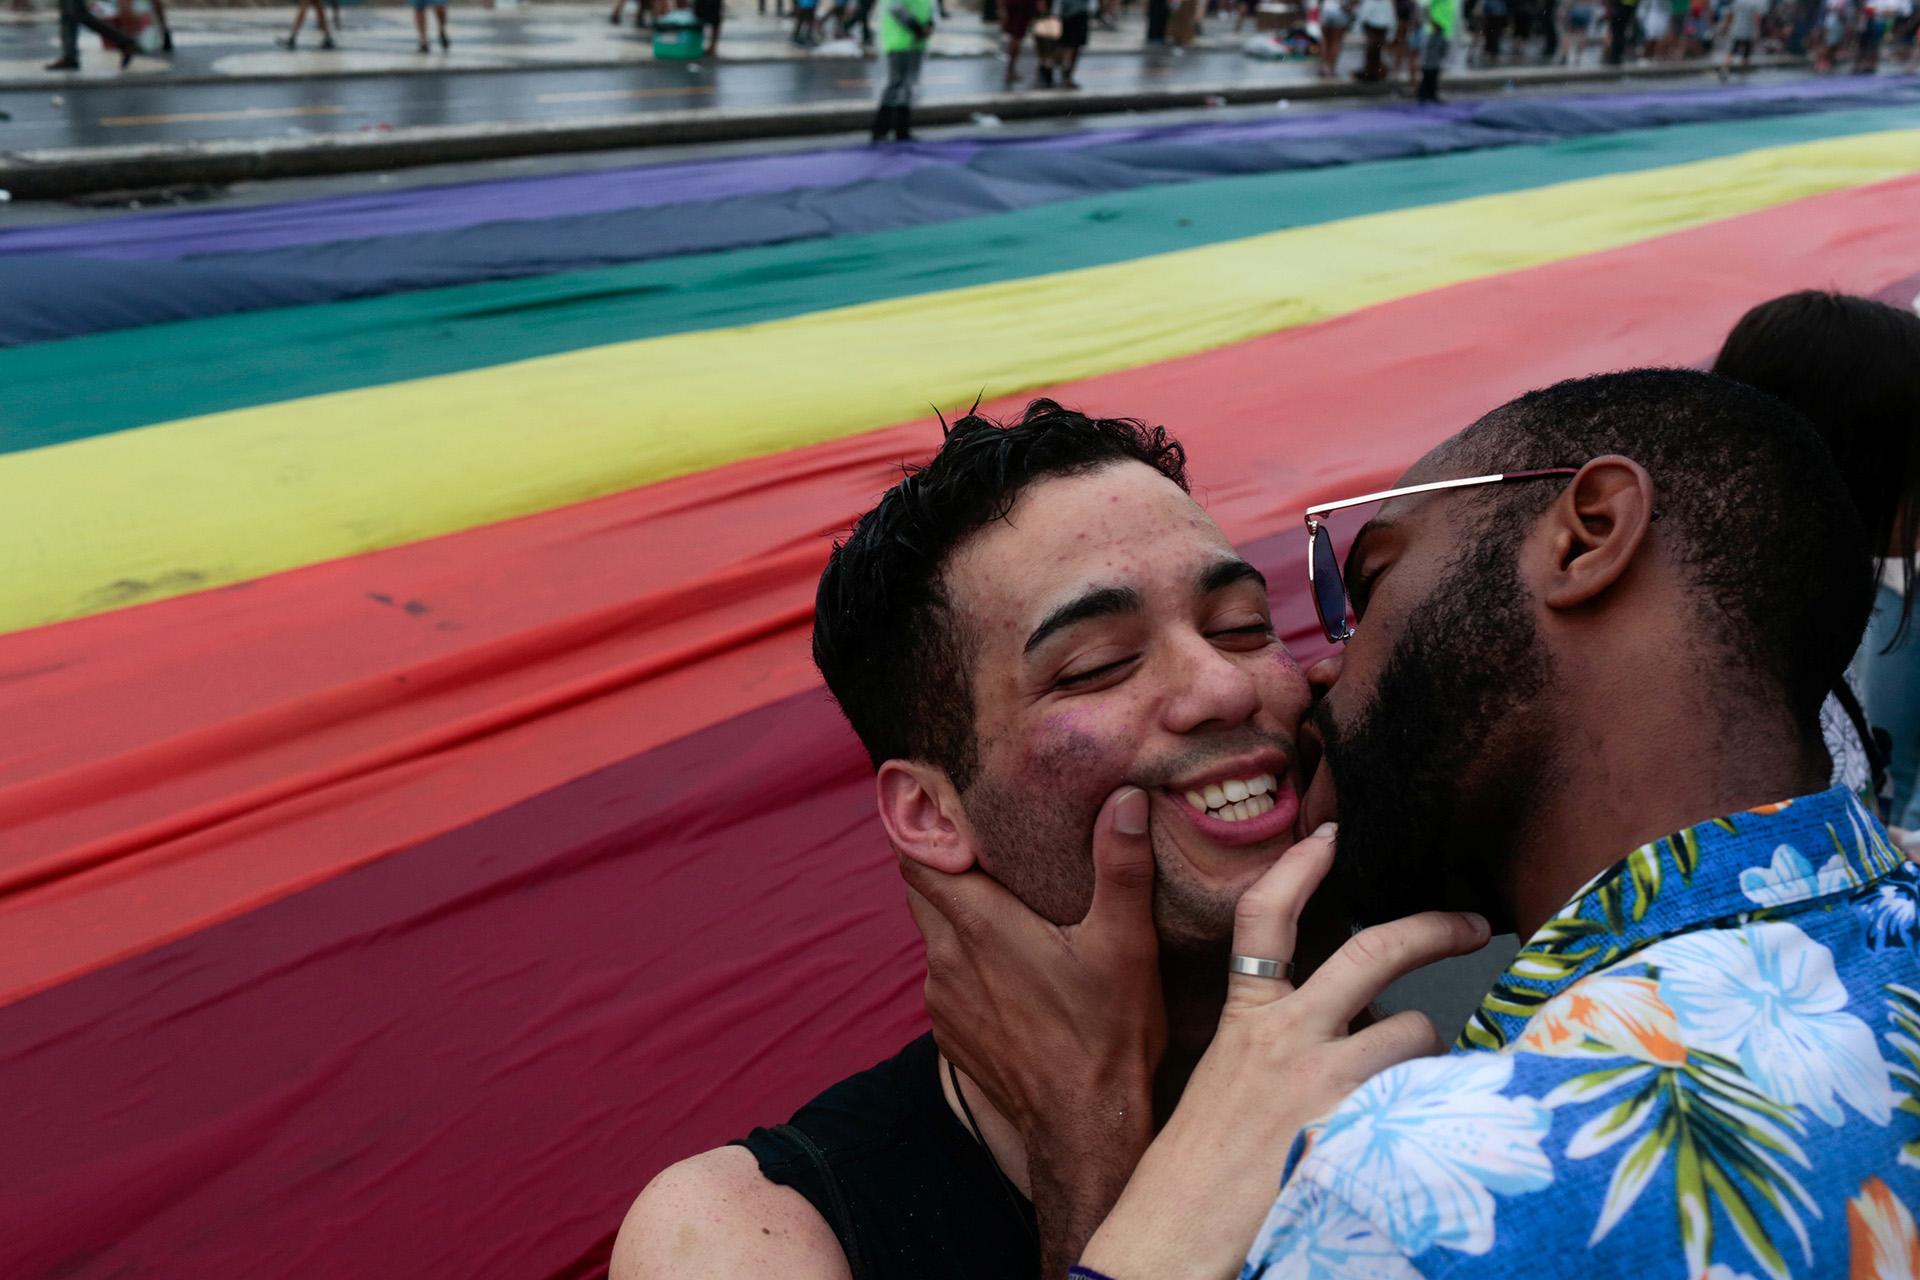 El beso entre parejas homosexuales fue una gran parte del desfile en contra de la propuesta de censura del alcalde de la ciudad. REUTERS / Ian Cheibub